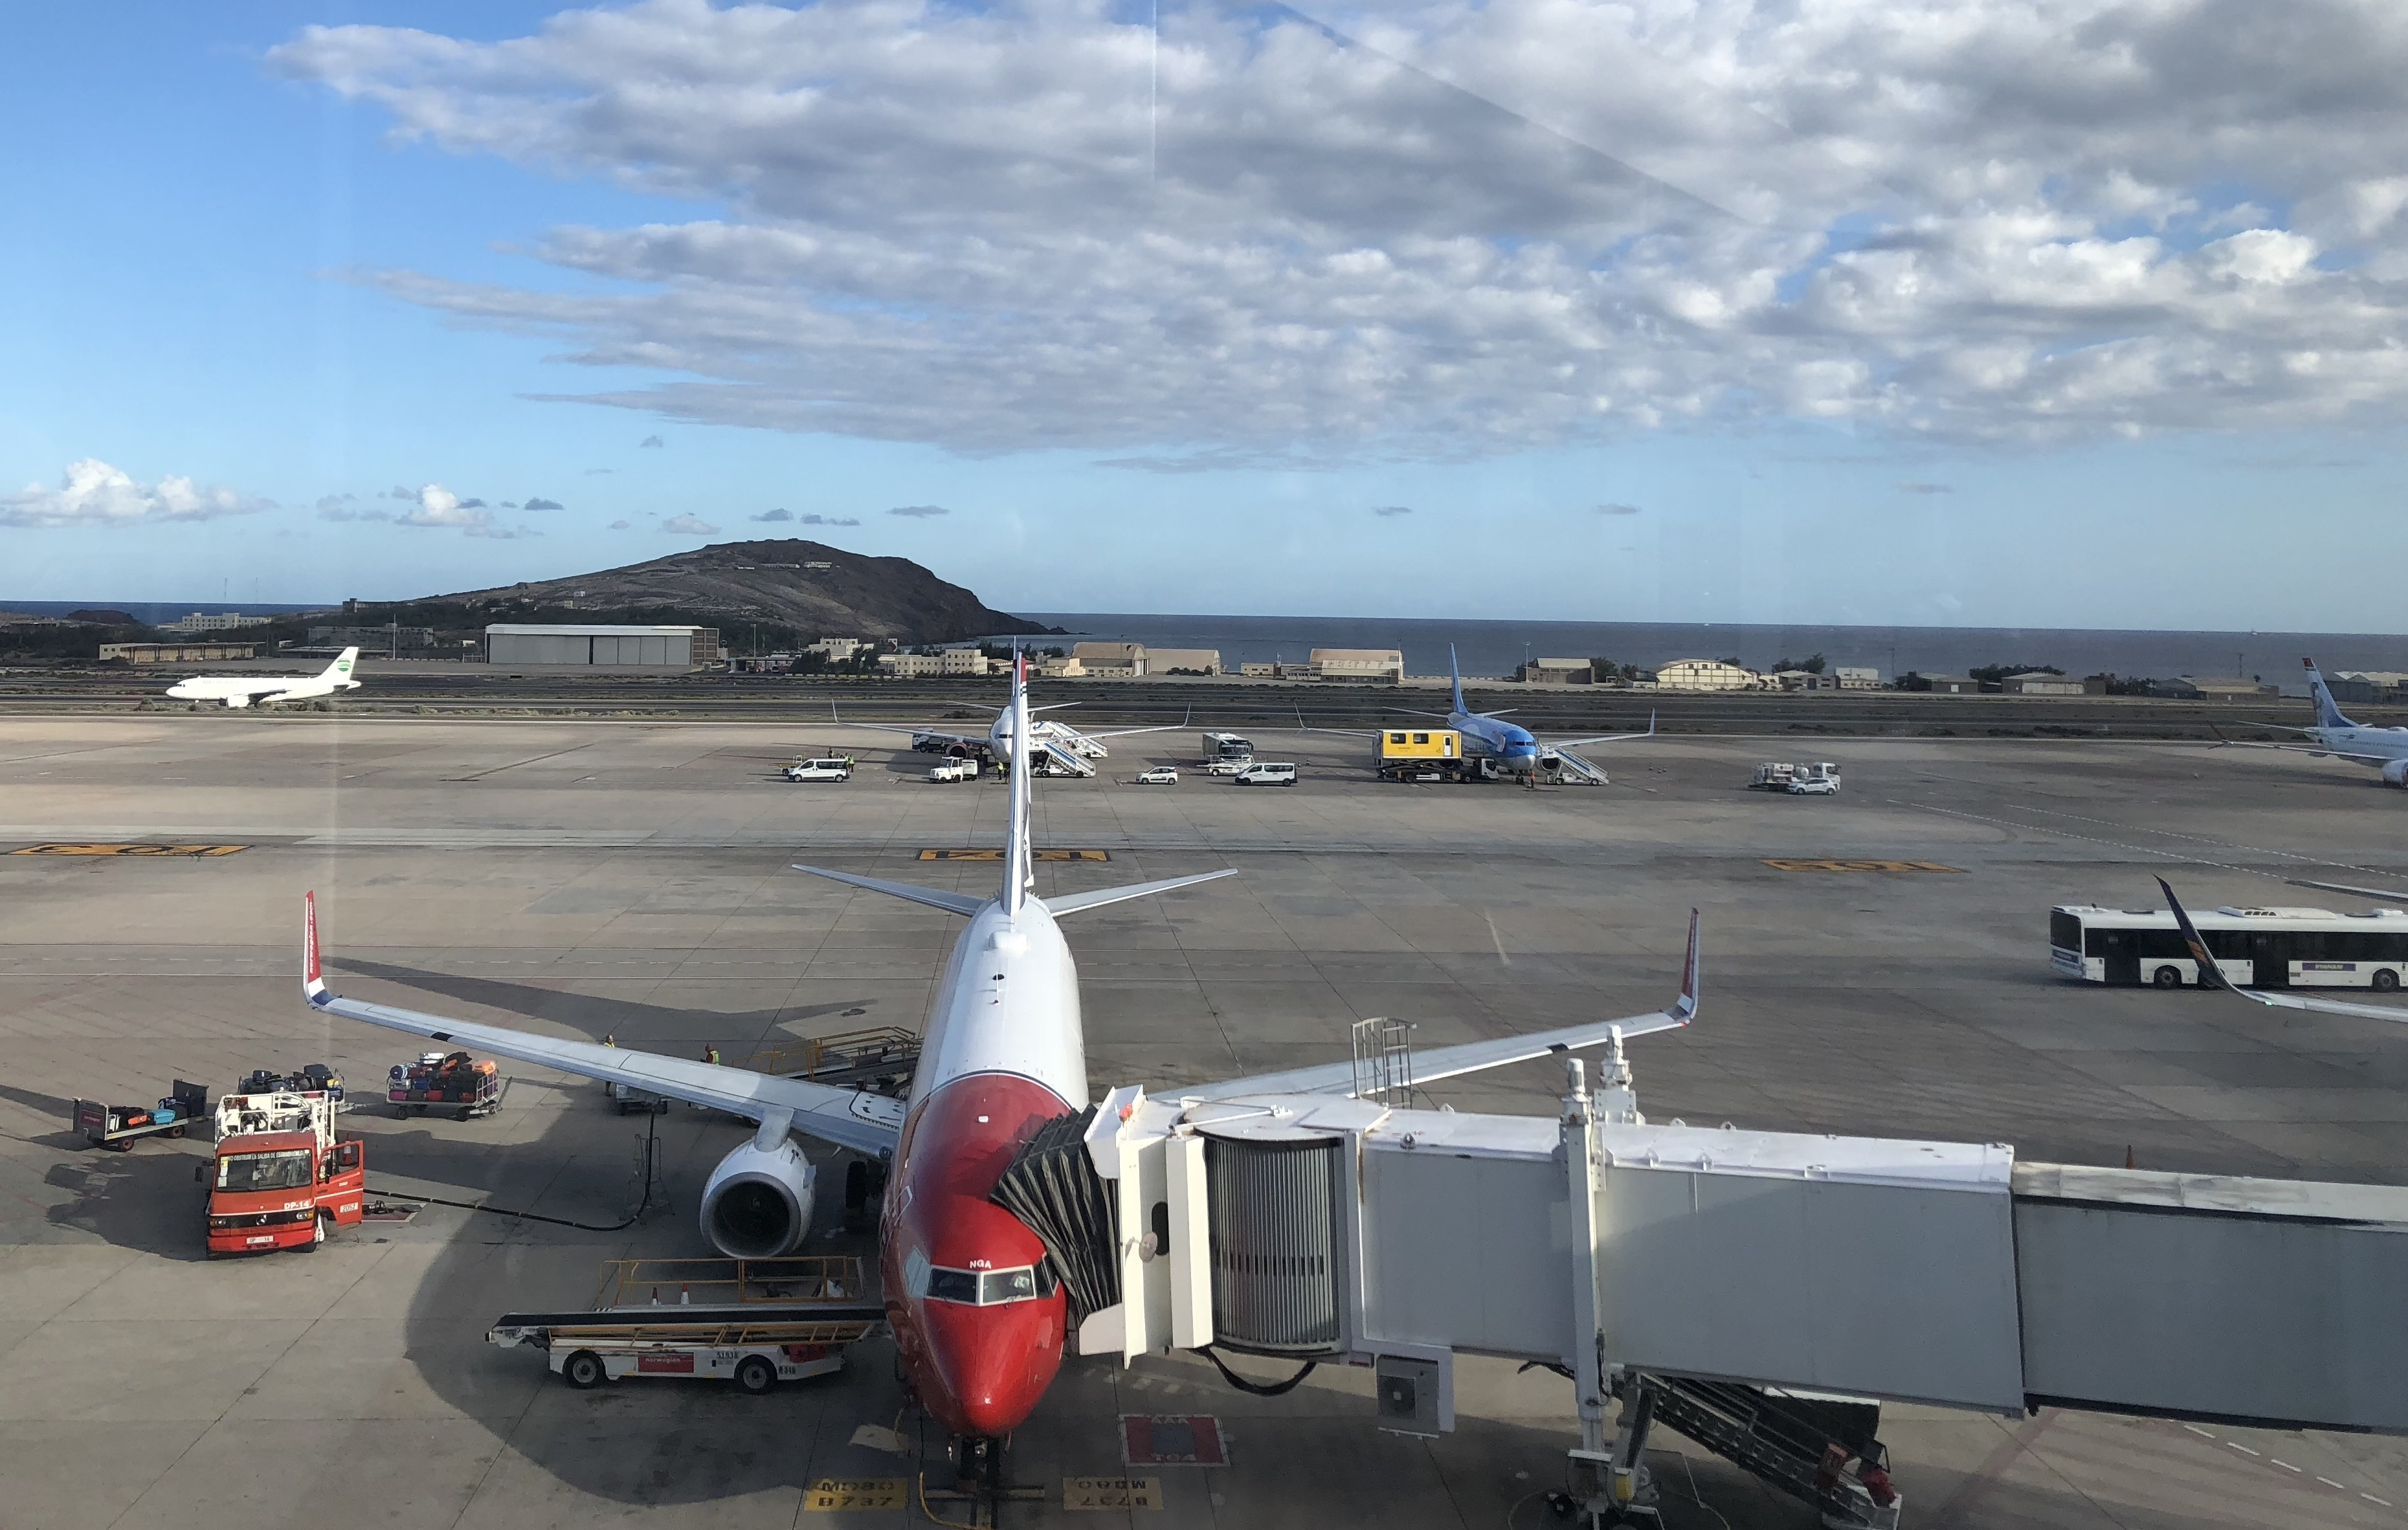 Lietadlo na letisku na ostrove Gran Canaria